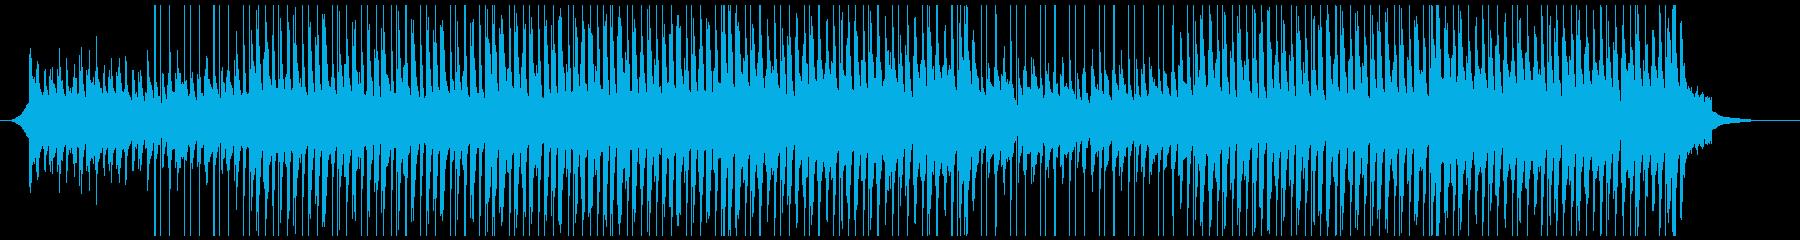 ハッピーチルドレンの再生済みの波形